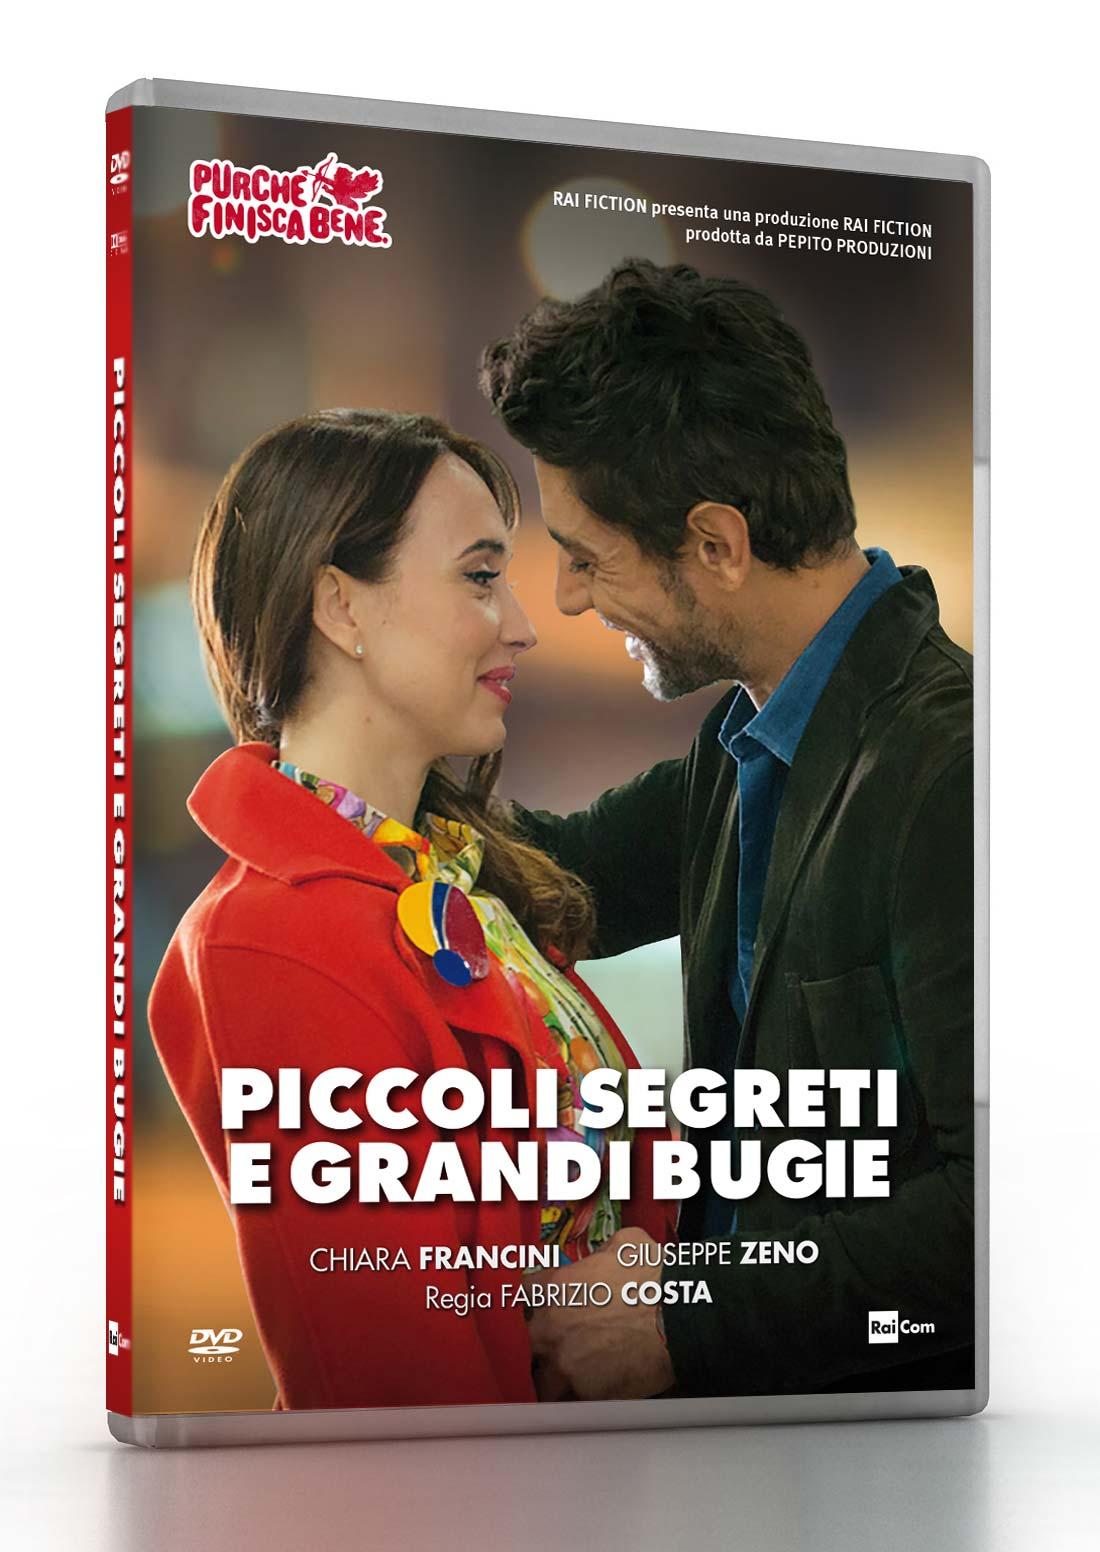 PICCOLI SEGRETI E GRANDI BUGIE (DVD)